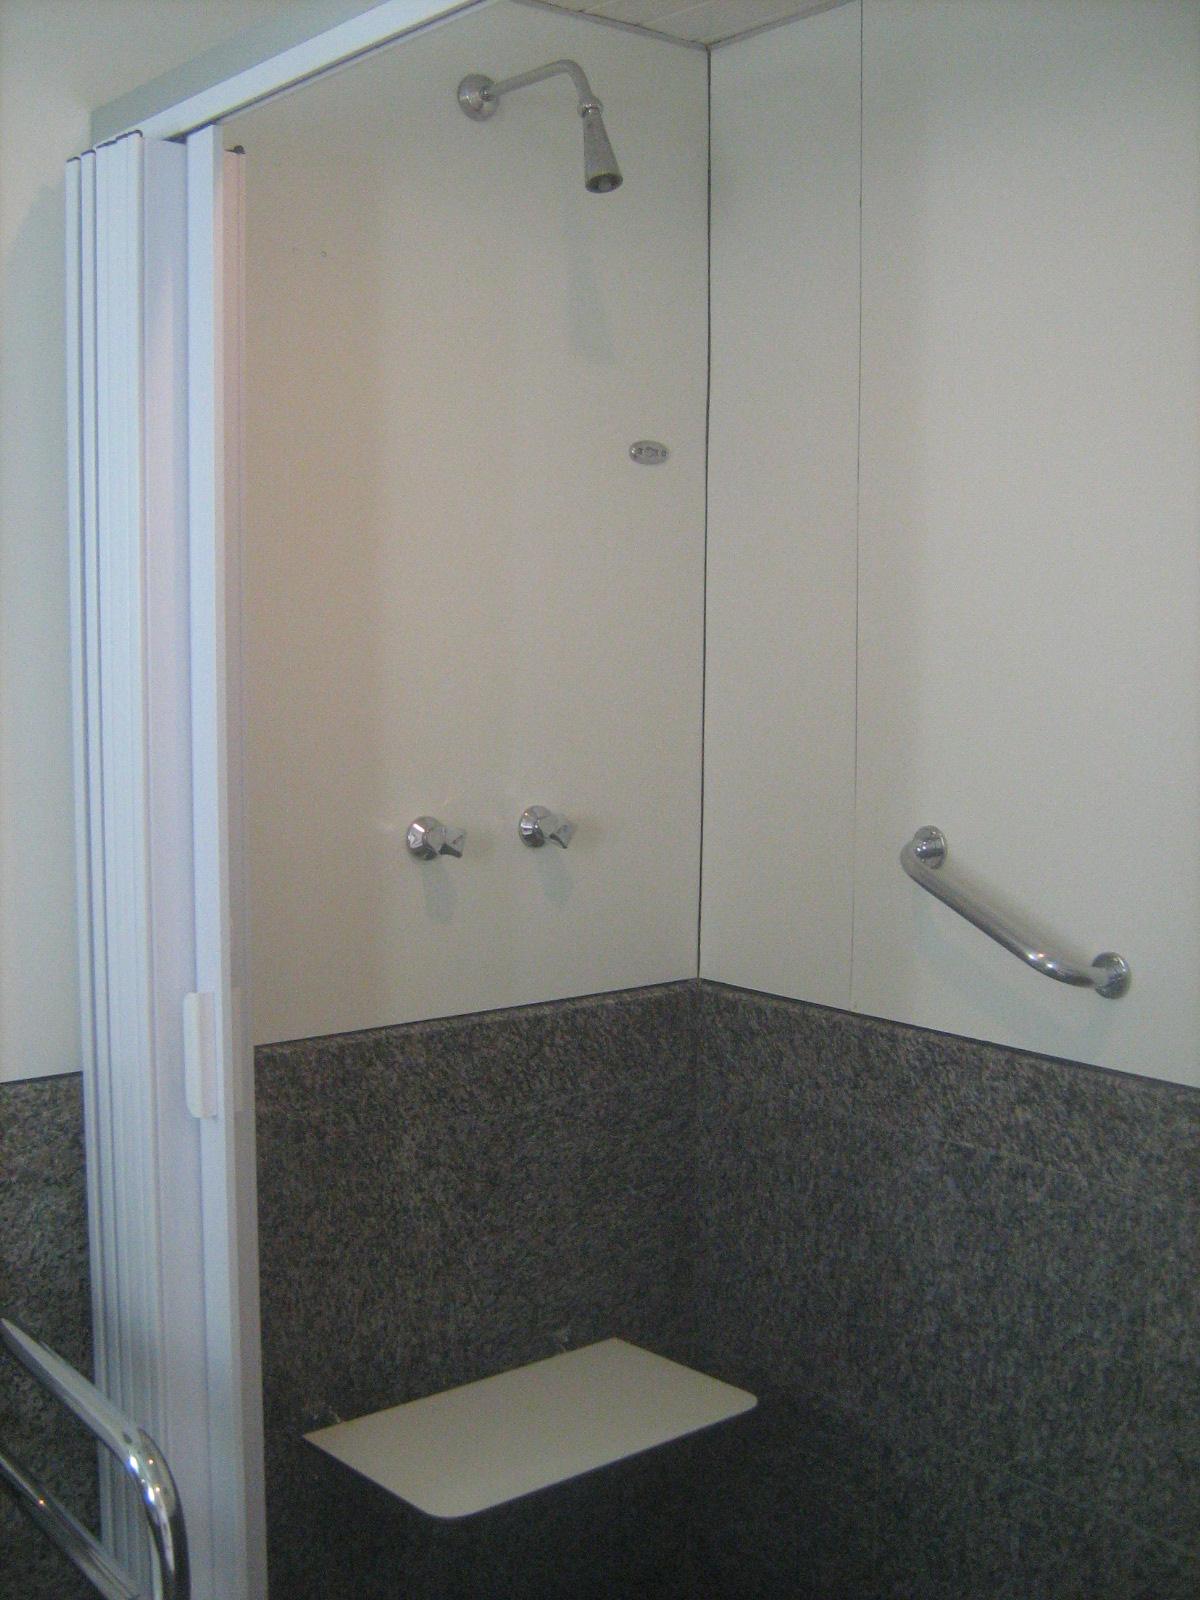 VIAJANTE ESPECIAL: Hotel Seara Fortaleza CE #586473 1200x1600 Banheiro Container Fortaleza